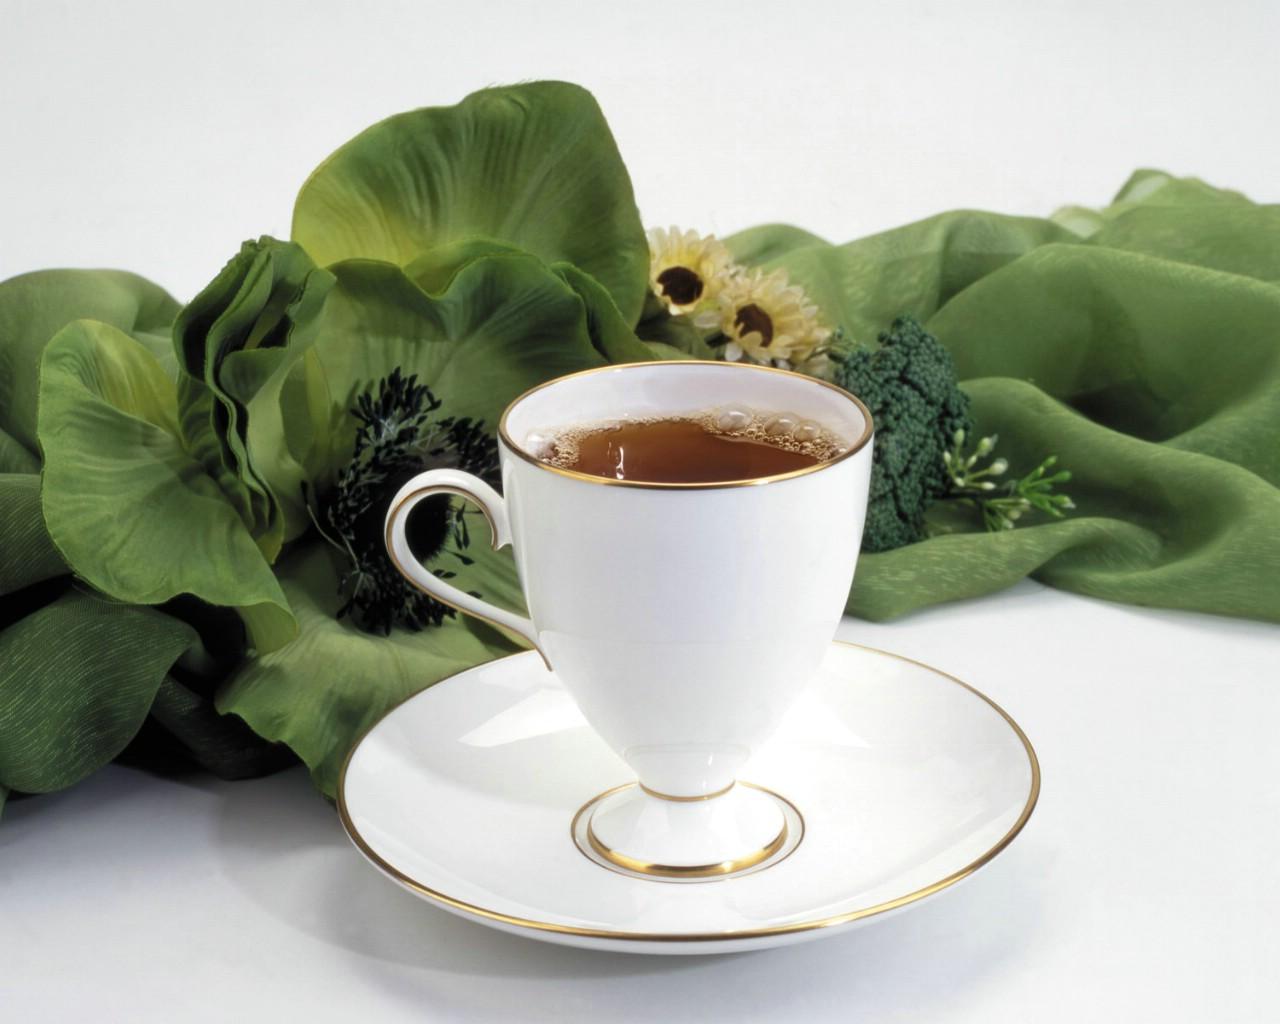 壁纸1280×1024茶艺 2 18壁纸 茶艺壁纸图片美食壁纸美食图片素材桌面壁纸